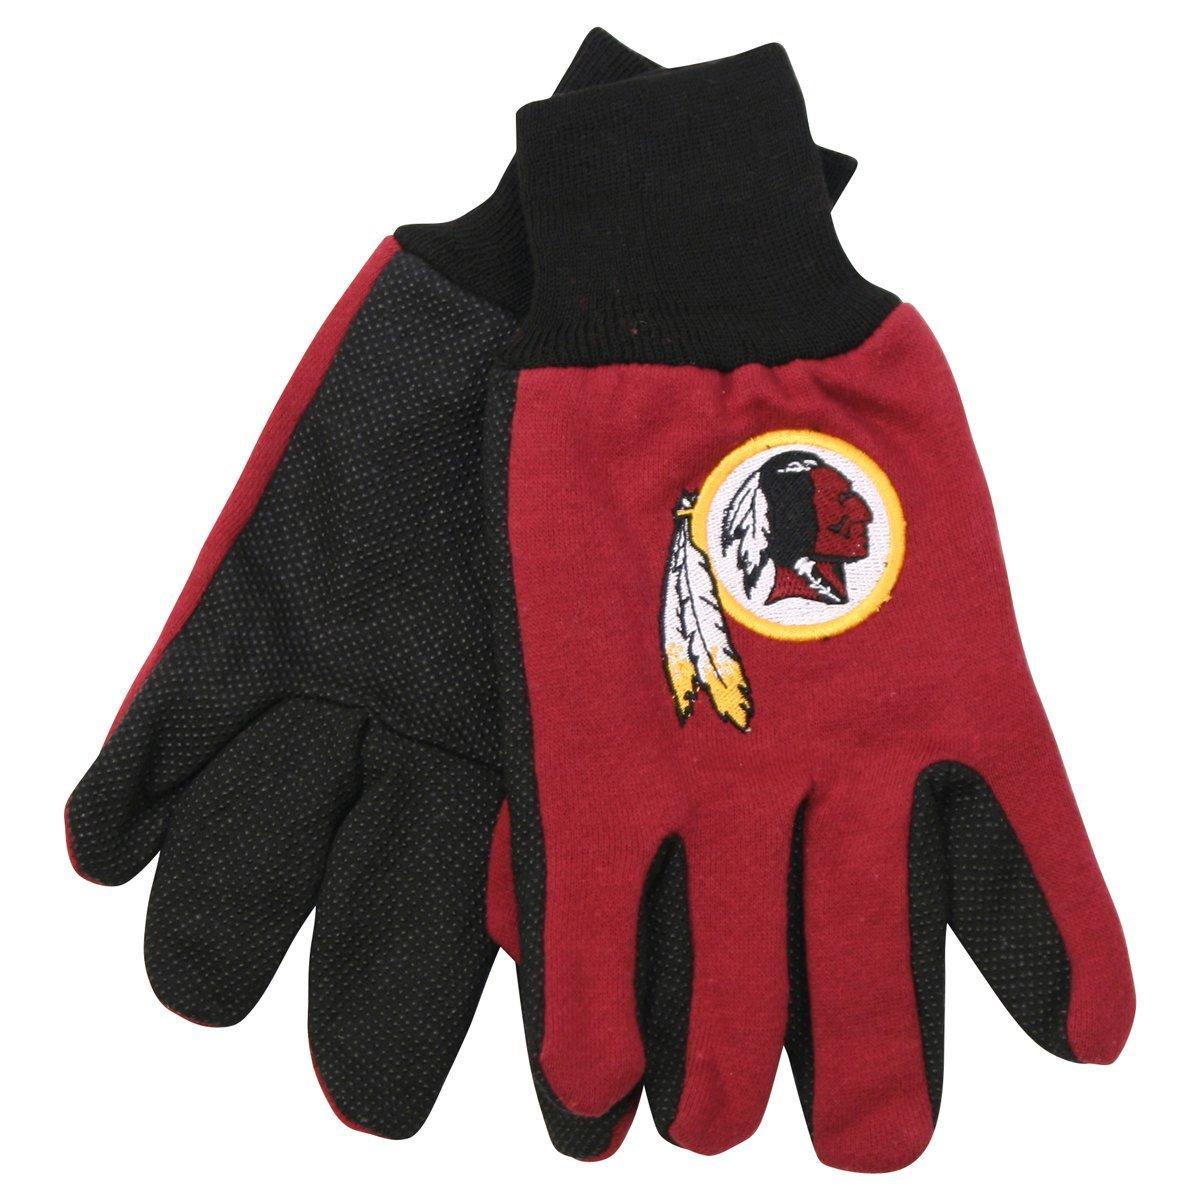 Nfl gloves - deals on 1001 Blocks